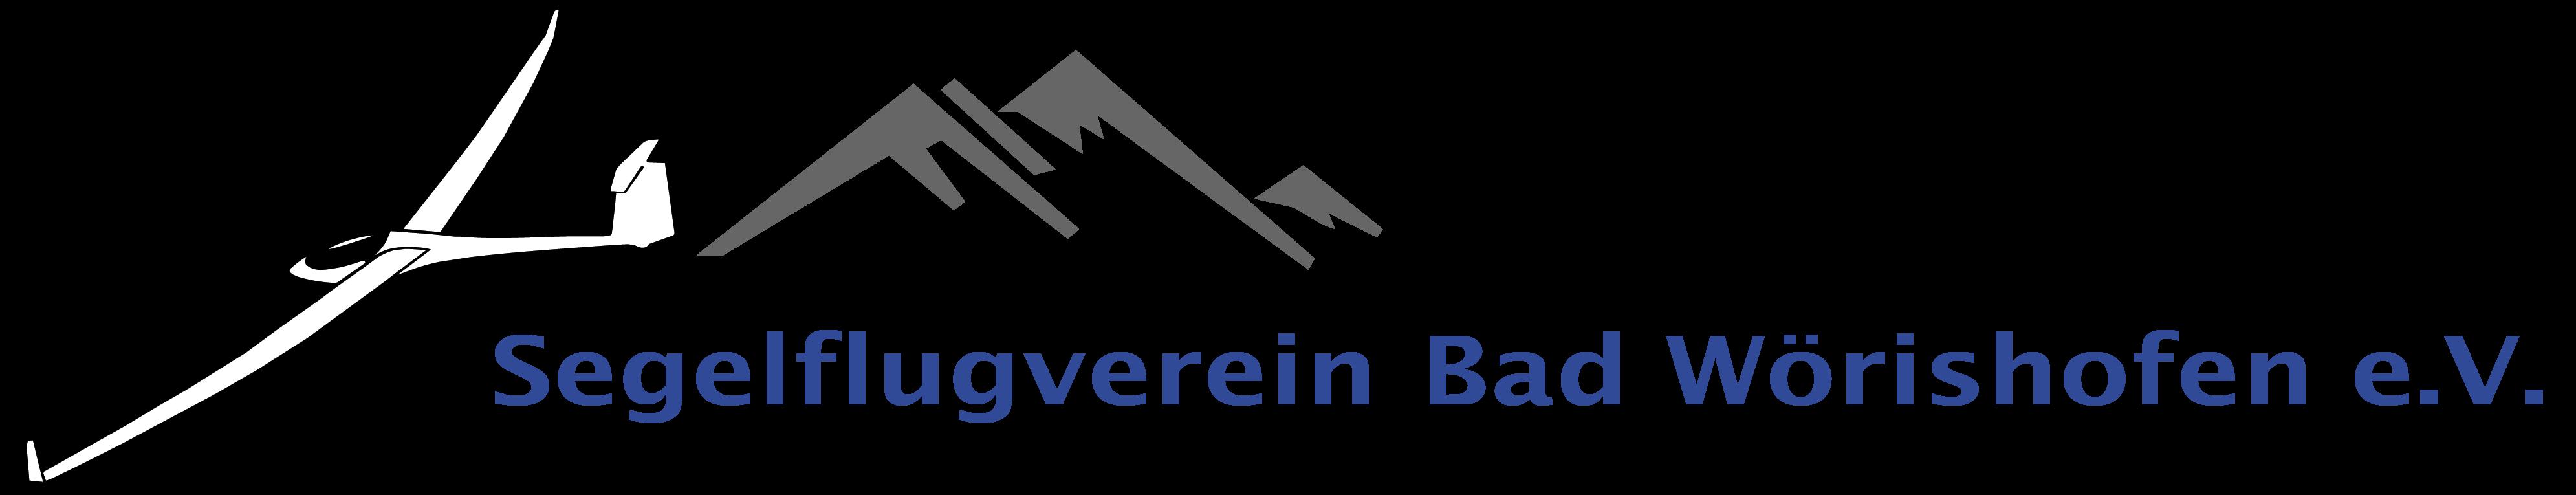 Segelflugverein Bad Wörishofen e.V.